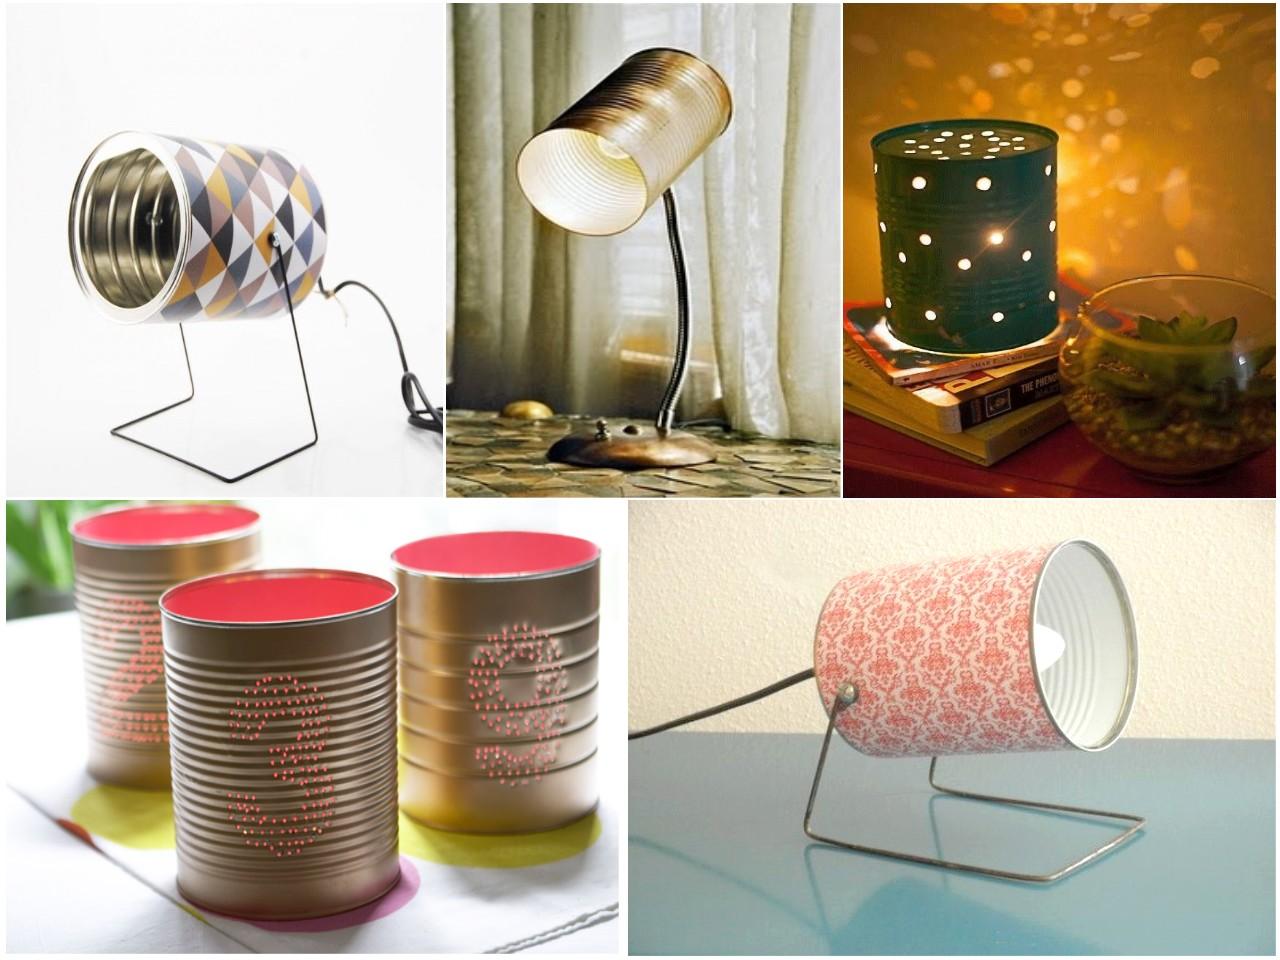 10 ideas originales de reciclar para decorar con l mparas - Reciclar latas de conserva ...